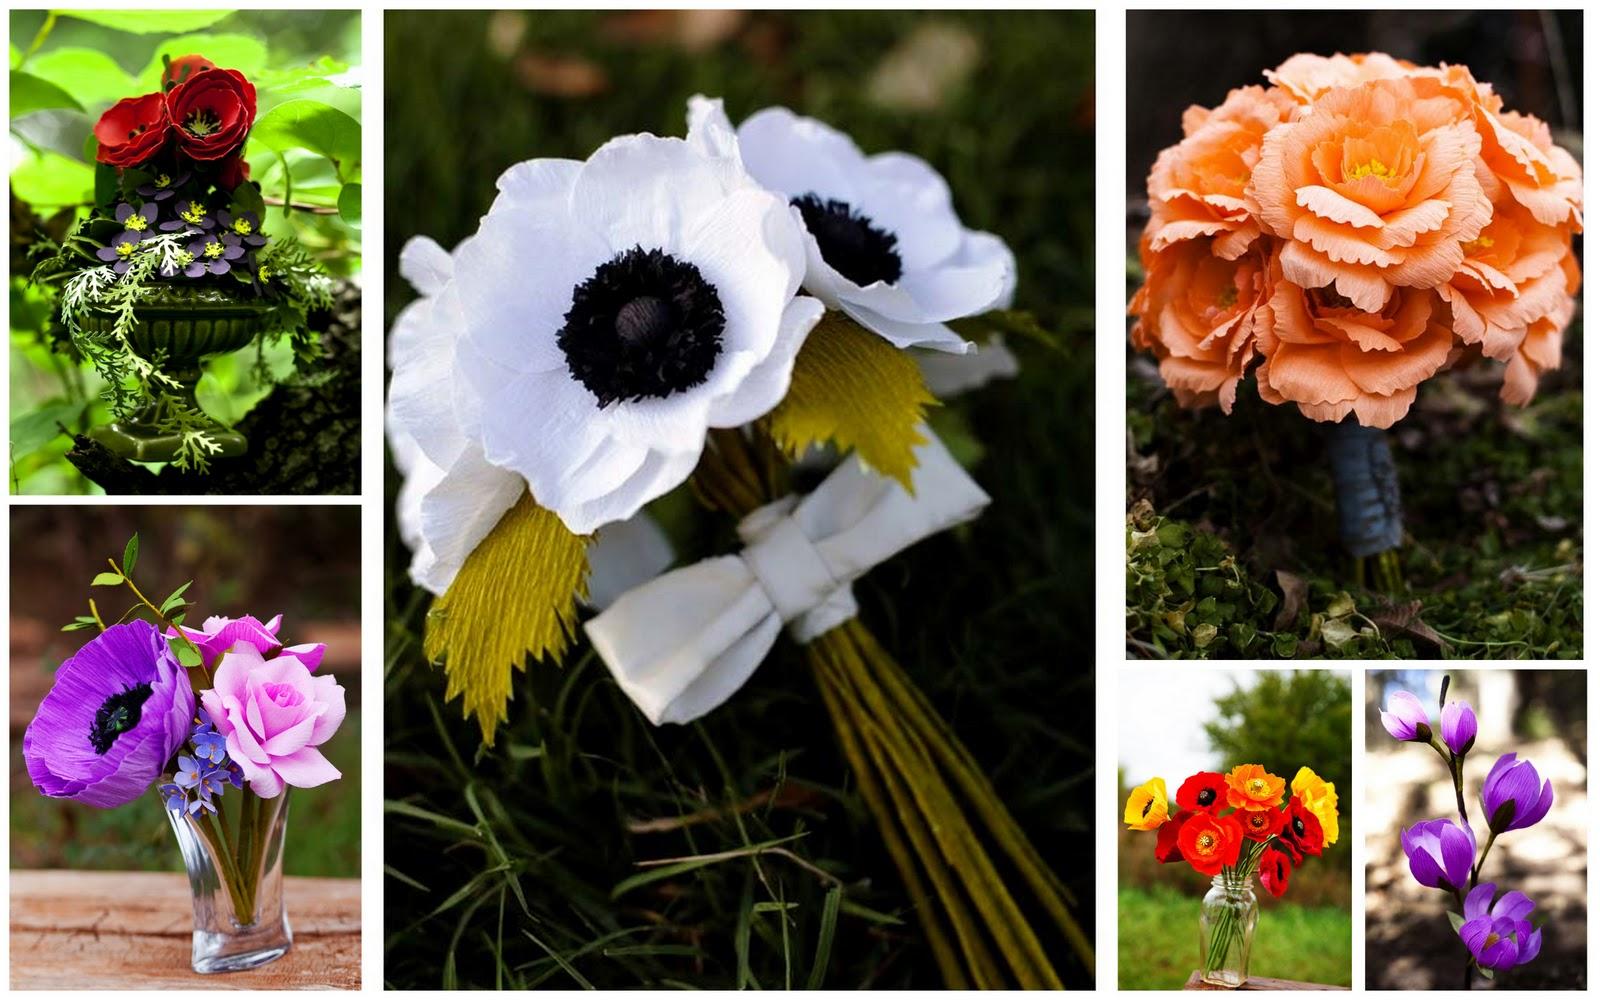 Grosgrain wedding paper flowers vs real flowers real flowers december 12 2011 mightylinksfo